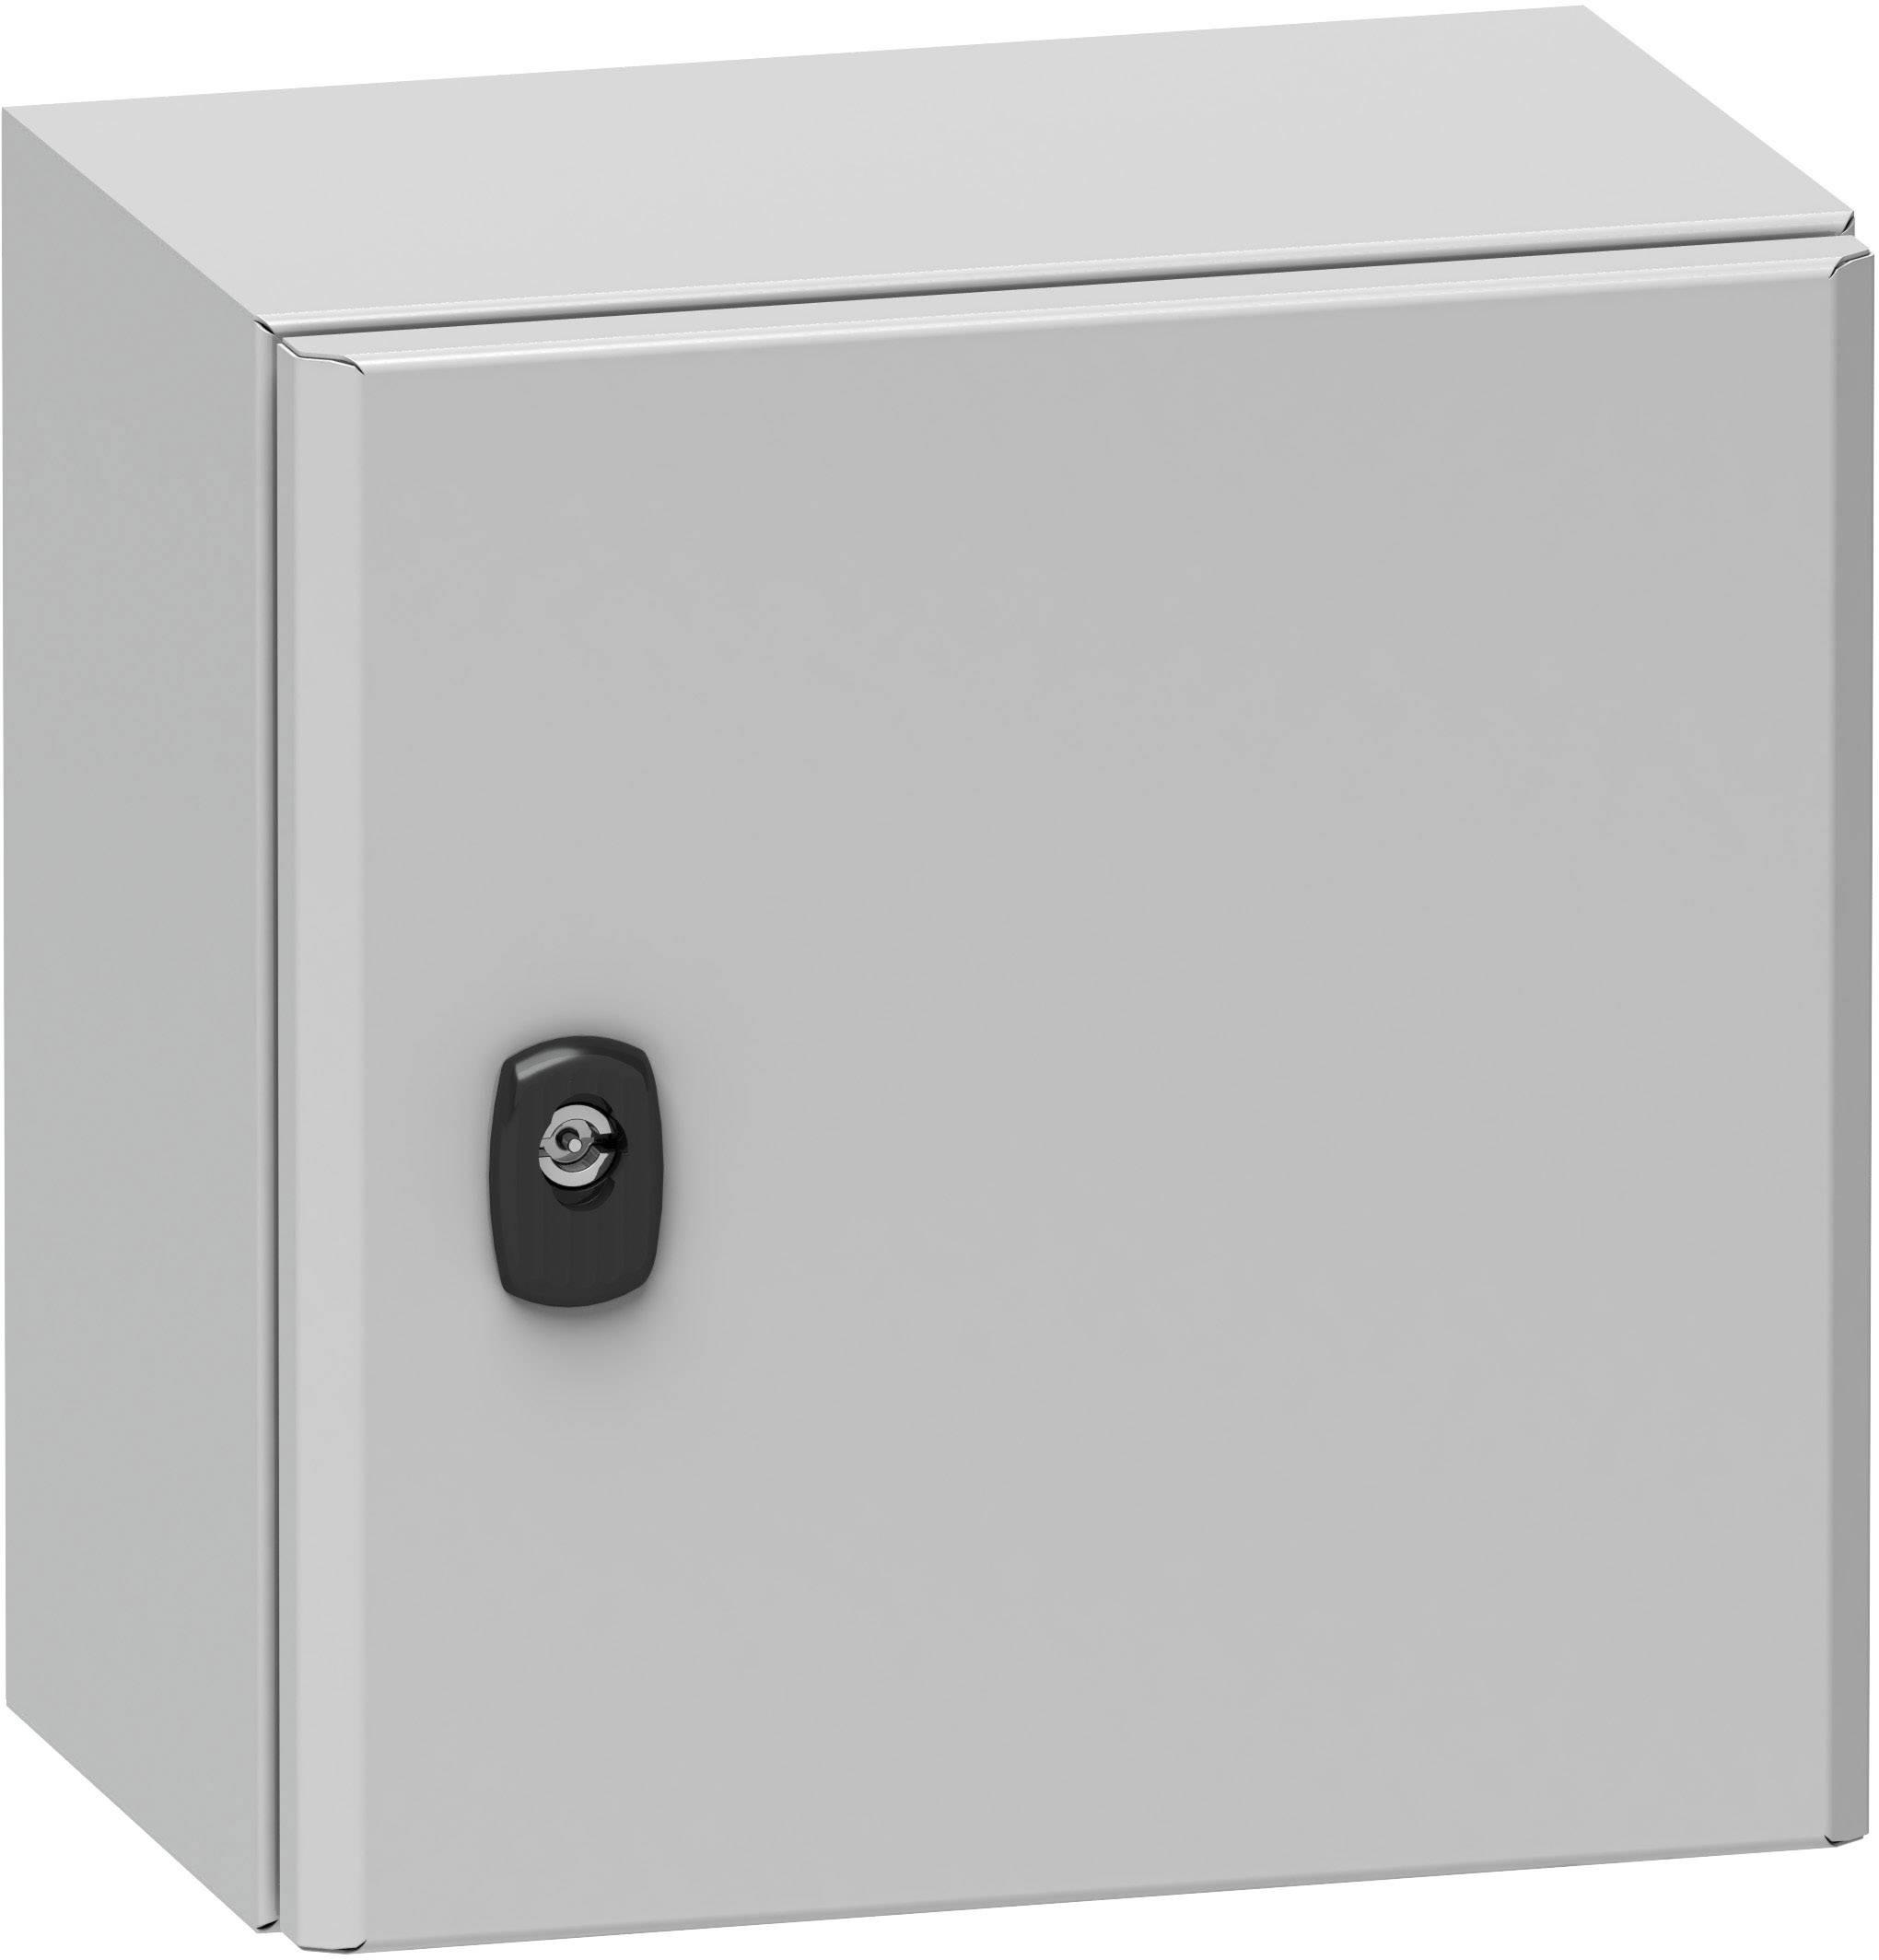 Pouzdro Schneider Electric NSYS3D5525P NSYS3D5525P, (š x v x h) 500 x 500 x 250 mm, ocel, šedá (RAL 7035), 1 ks